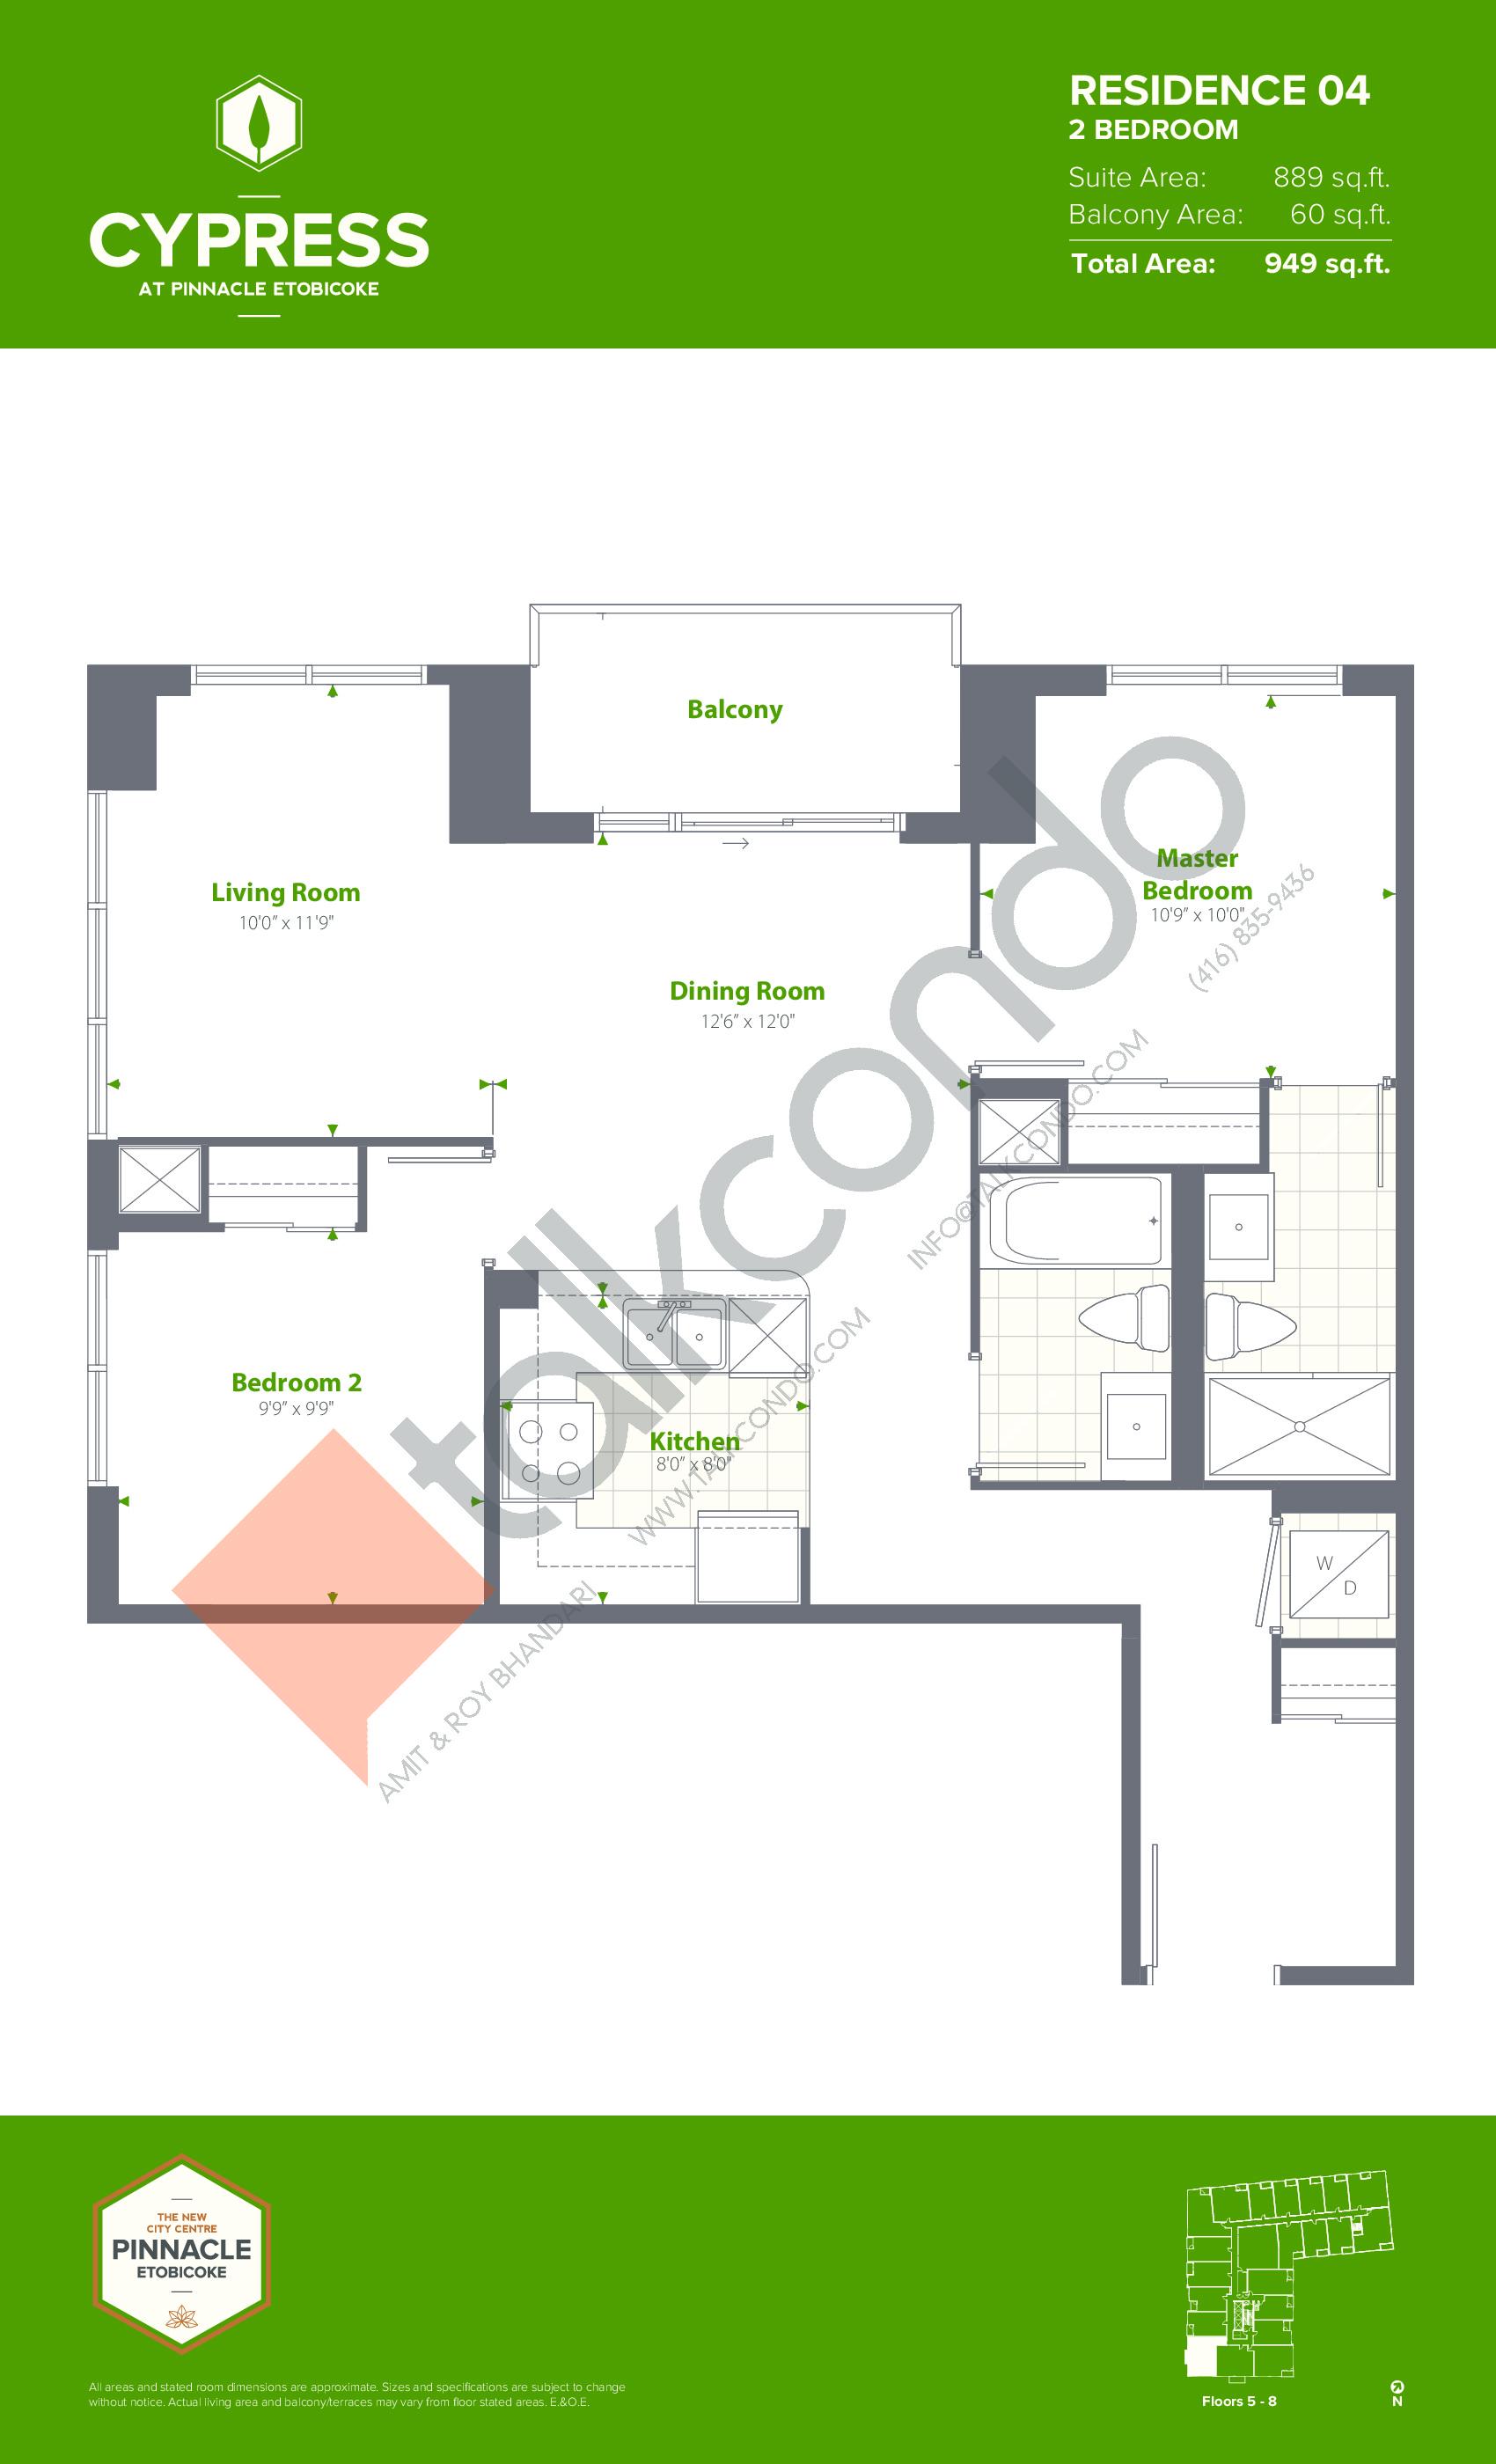 Residence 04 (Podium) Floor Plan at Cypress at Pinnacle Etobicoke - 889 sq.ft